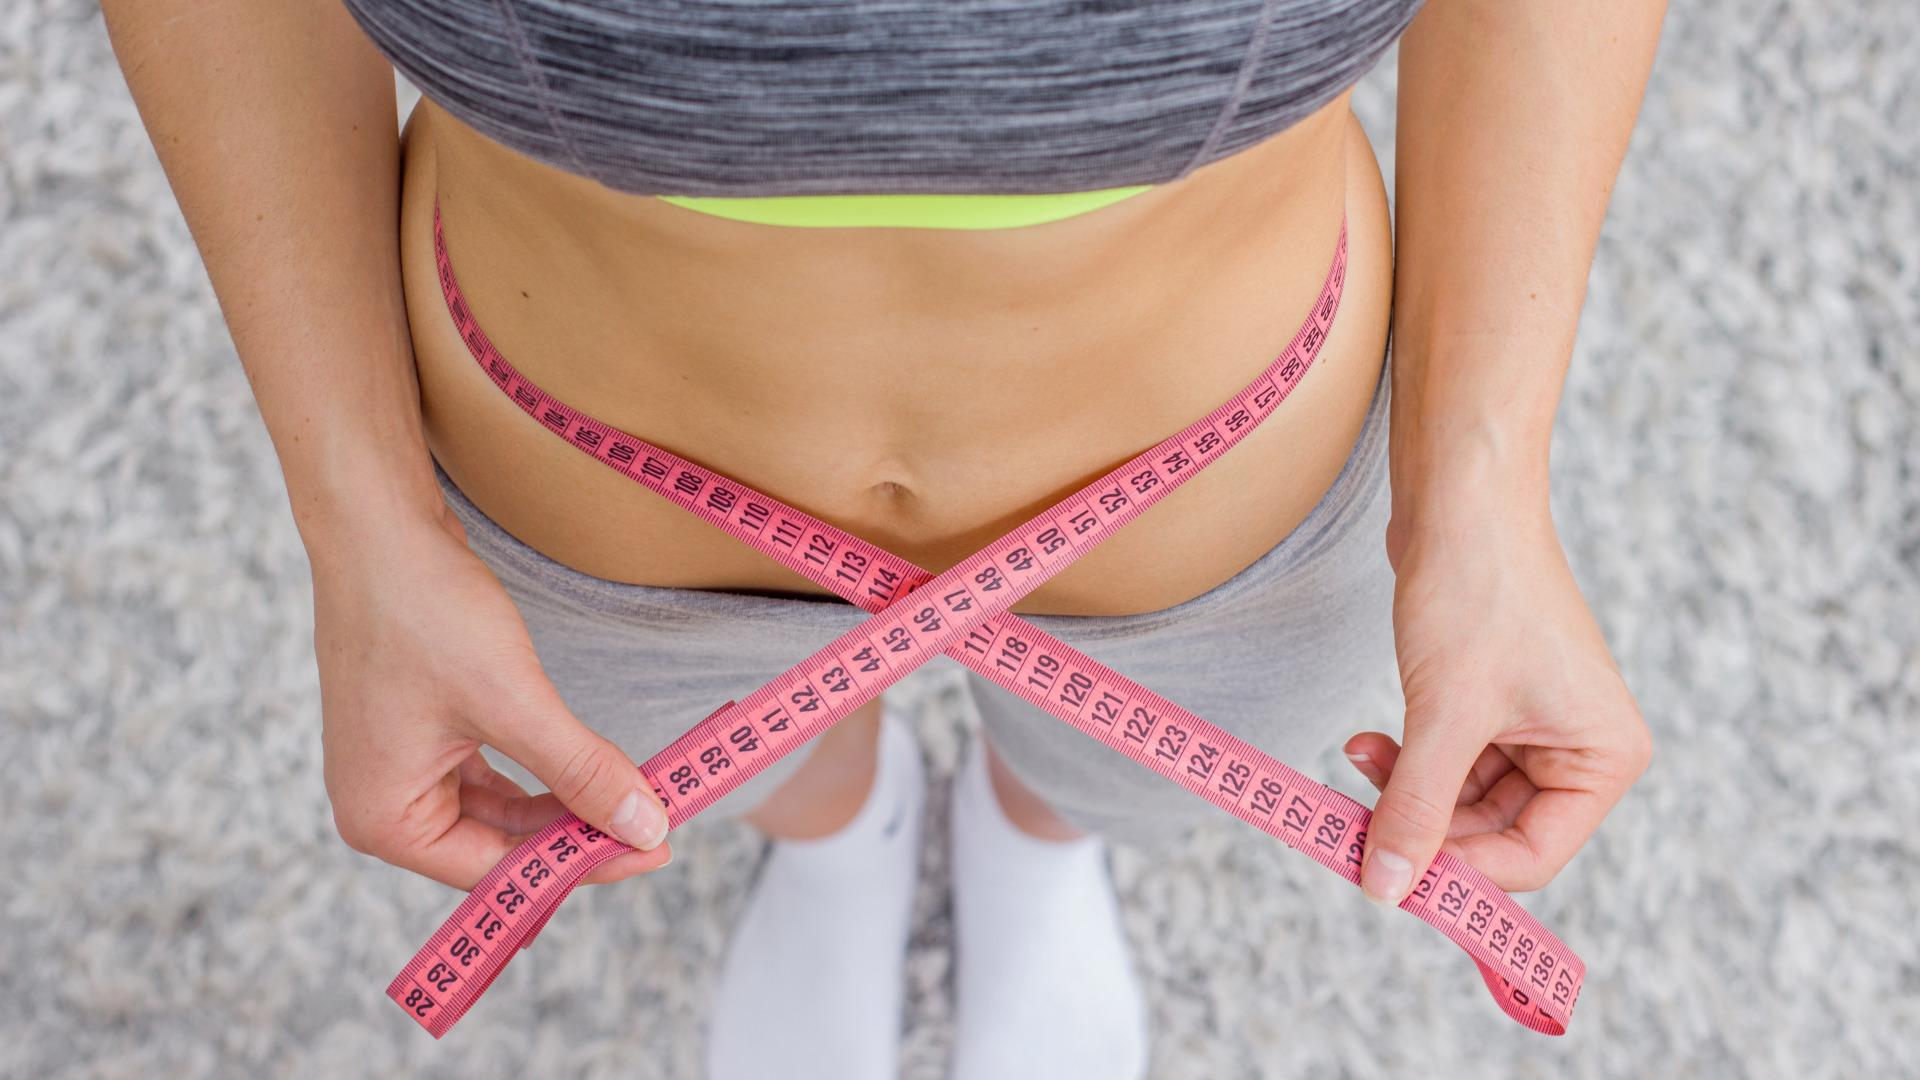 Куда исчезает жир, когда вы худеете? Вы его выдыхаете!